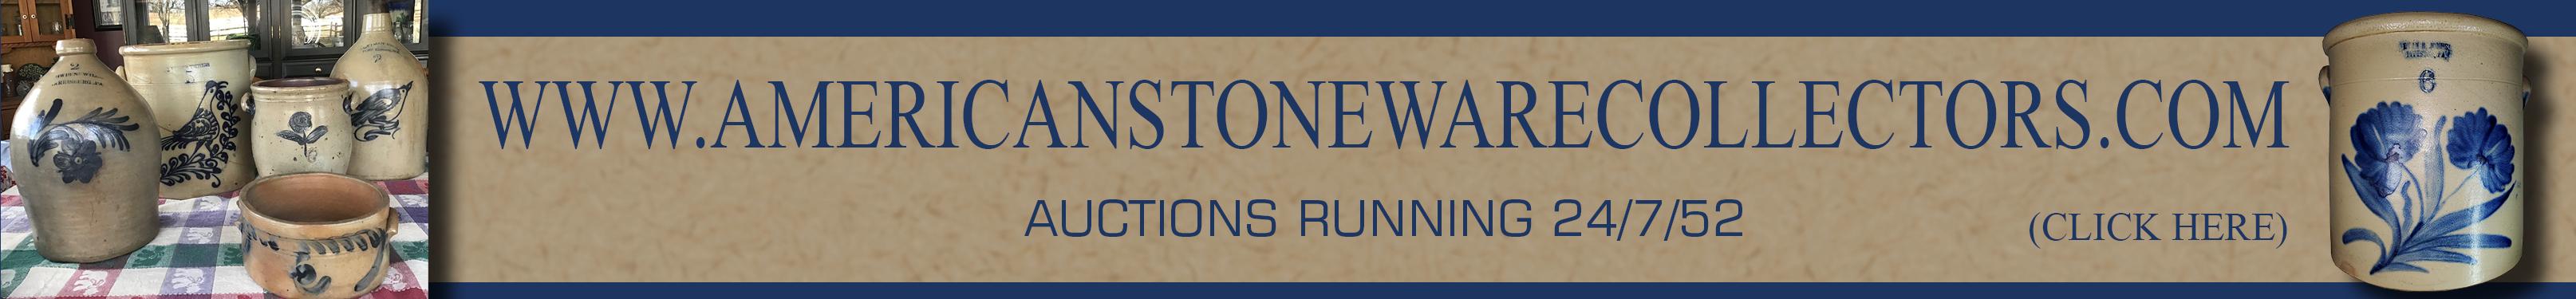 American Stoneware Collectors